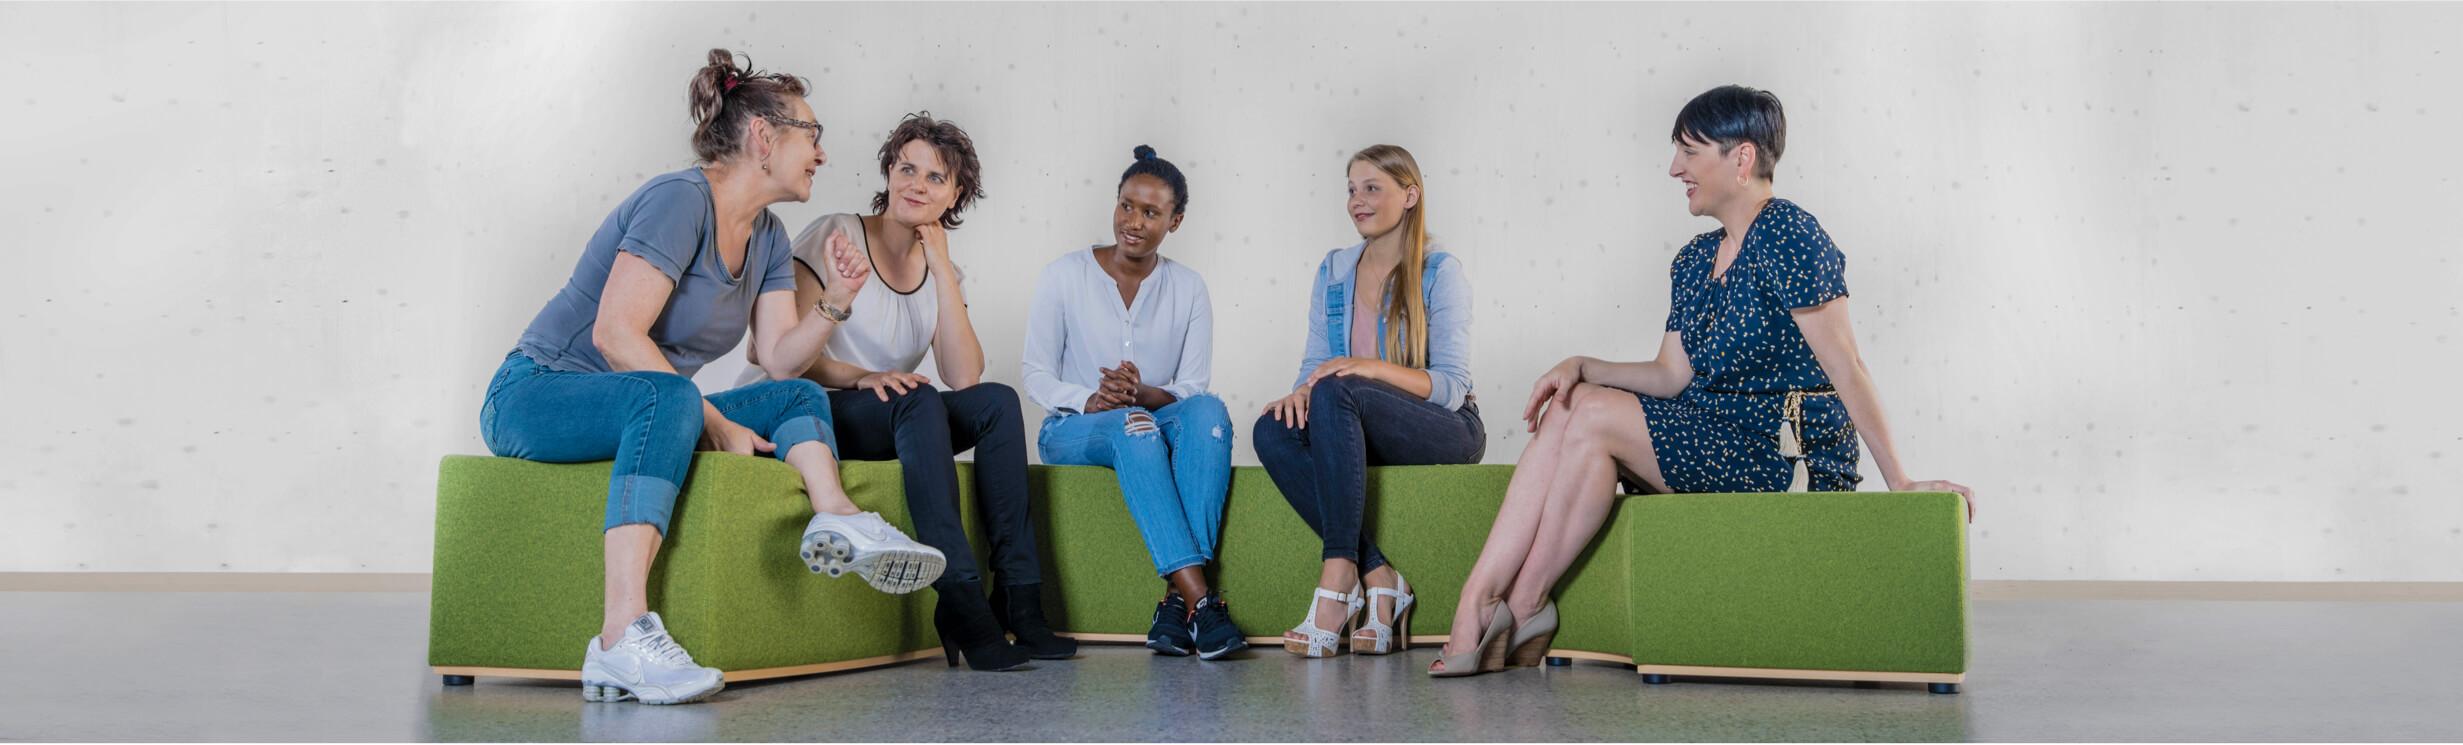 Fuenf Frauen sitzen in einer Runde und unterhalten sich